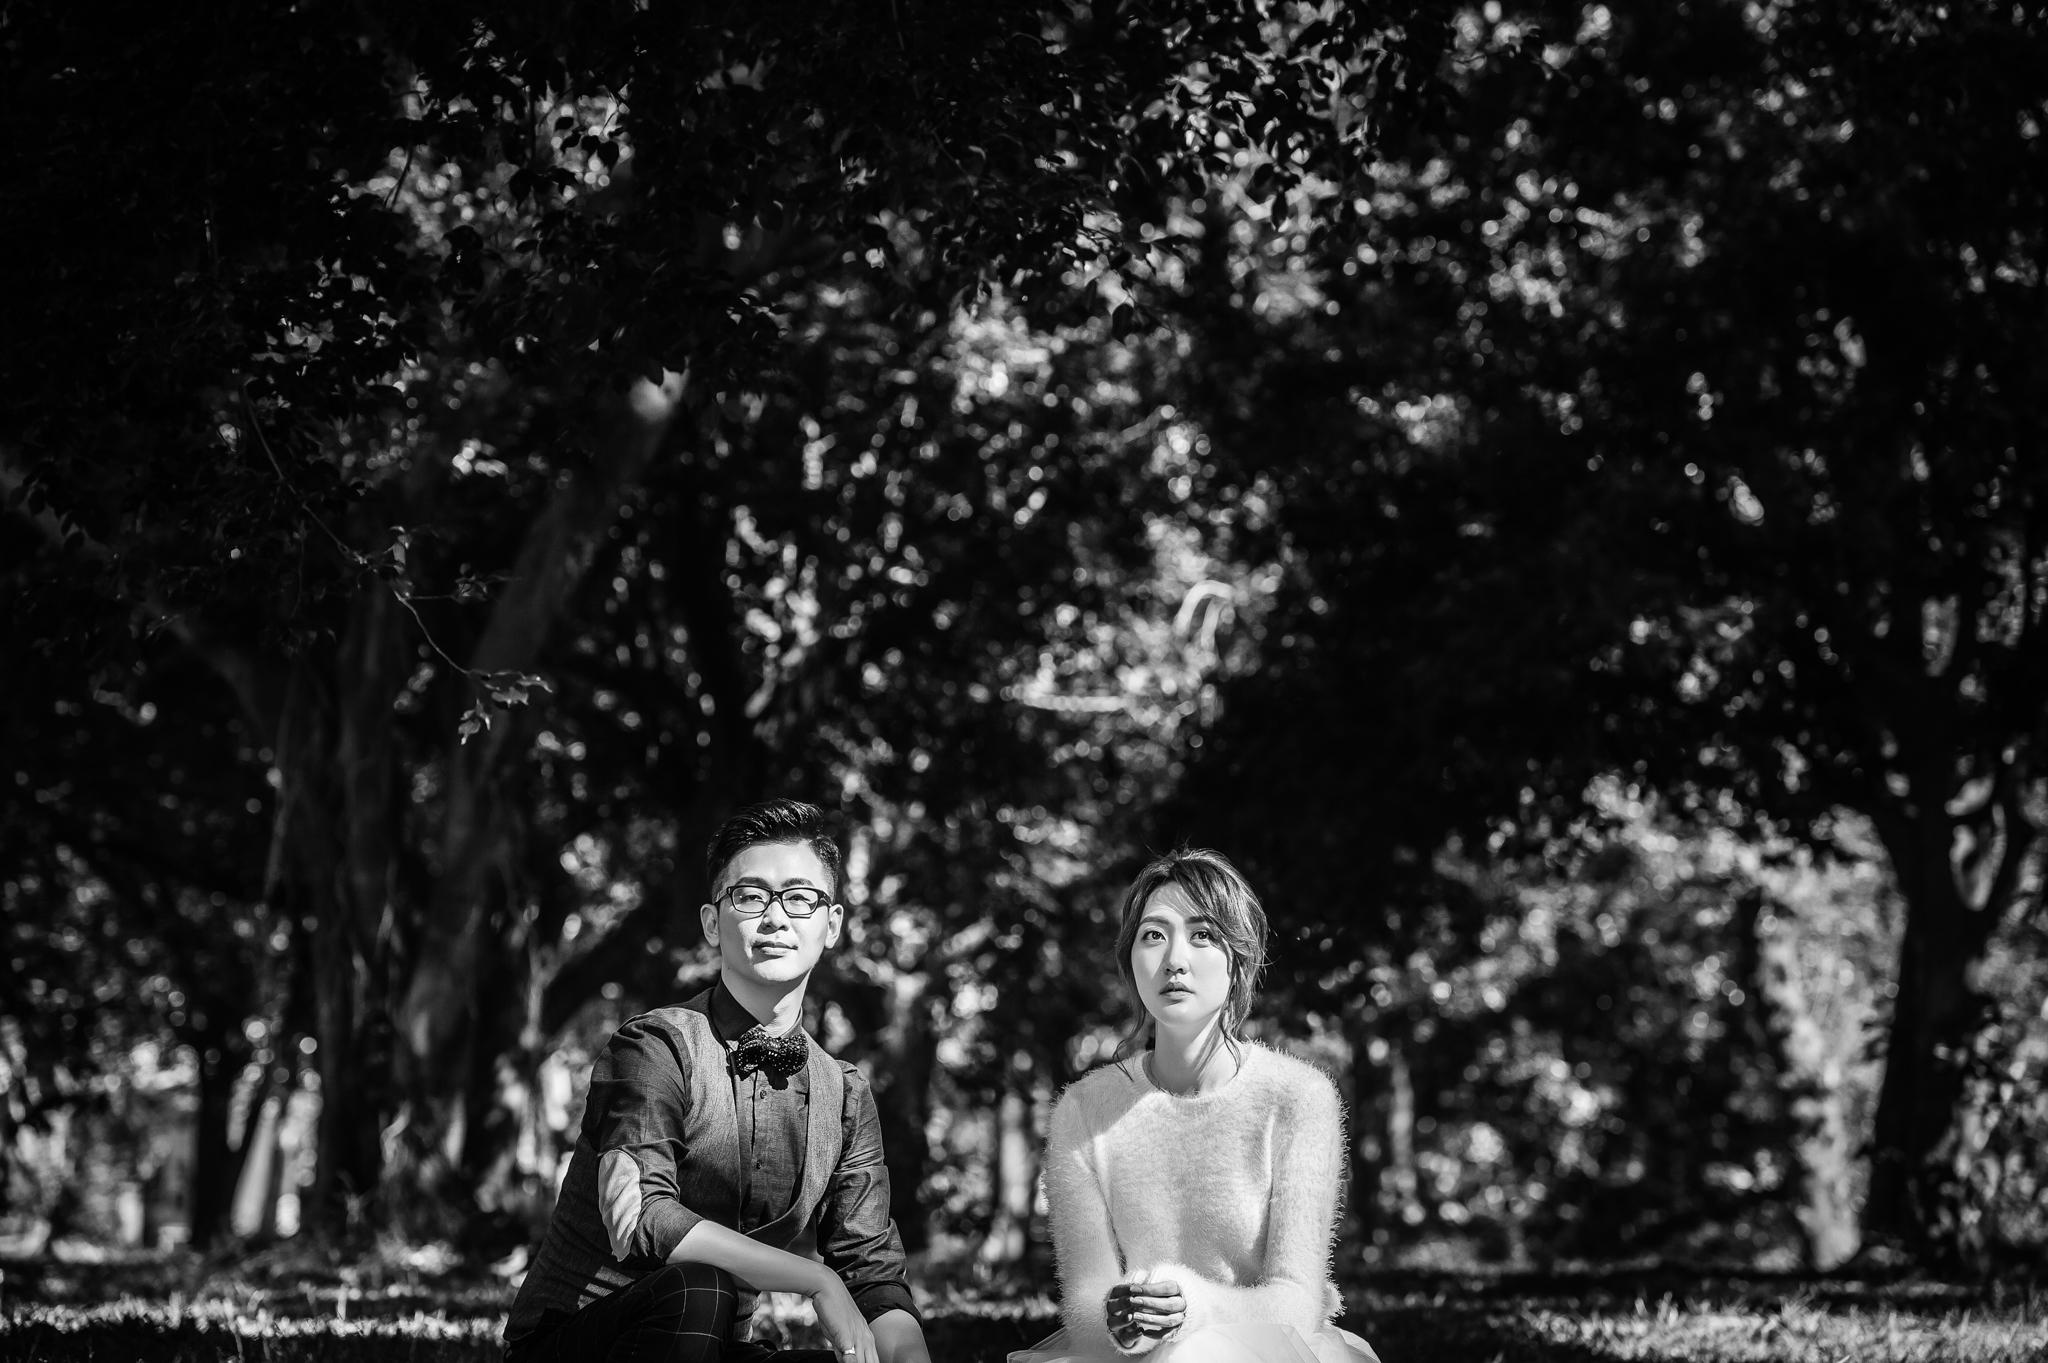 獨立攝影師 Anderson 獨立婚紗 自助婚紗 婚禮紀實 平面攝影 婚禮紀錄 海外婚紗 自主婚紗